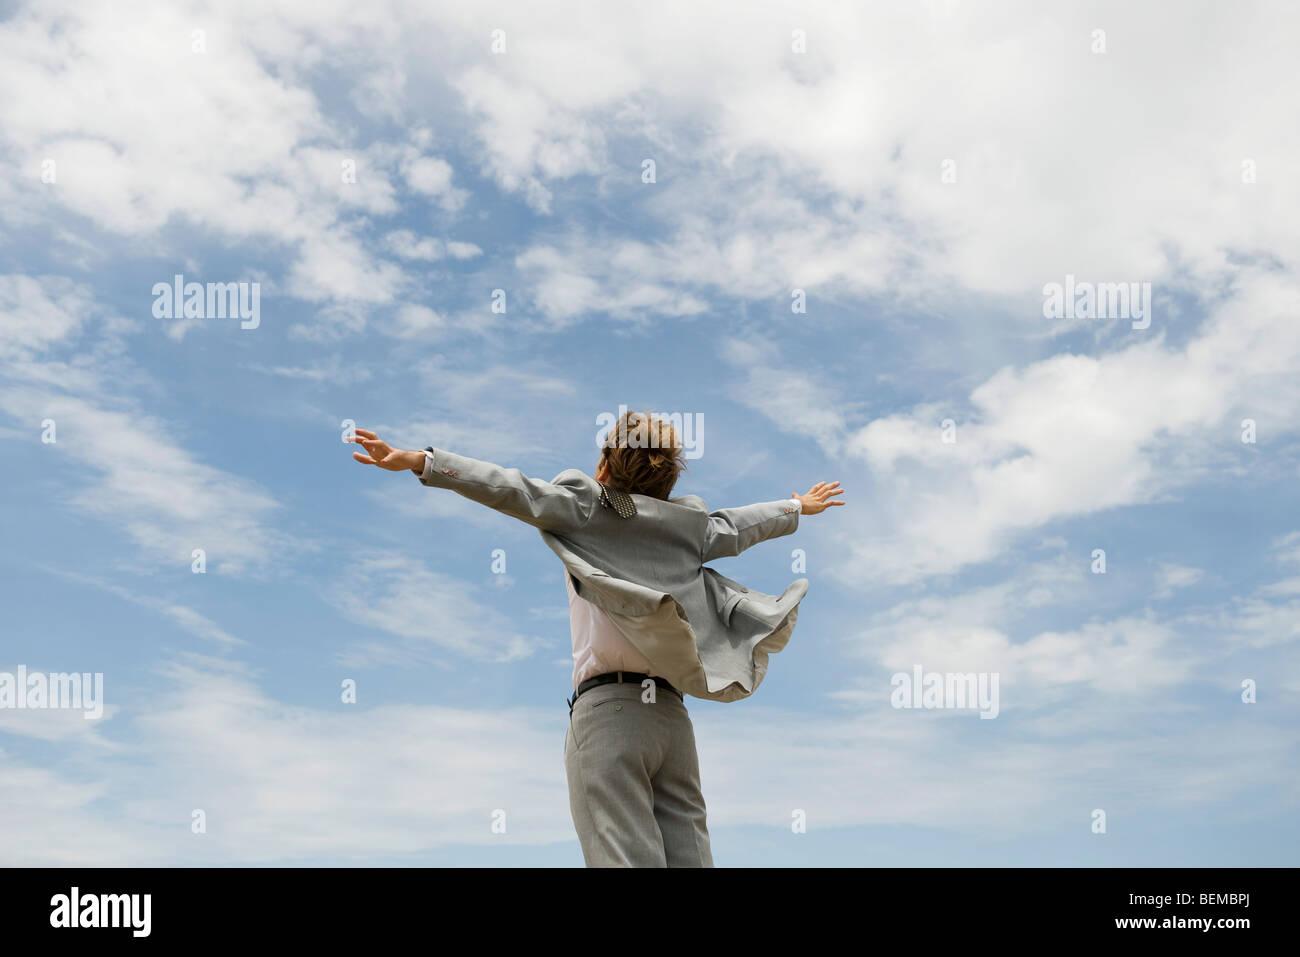 Businessman with arms outstretched contre ciel nuageux, vue arrière Photo Stock